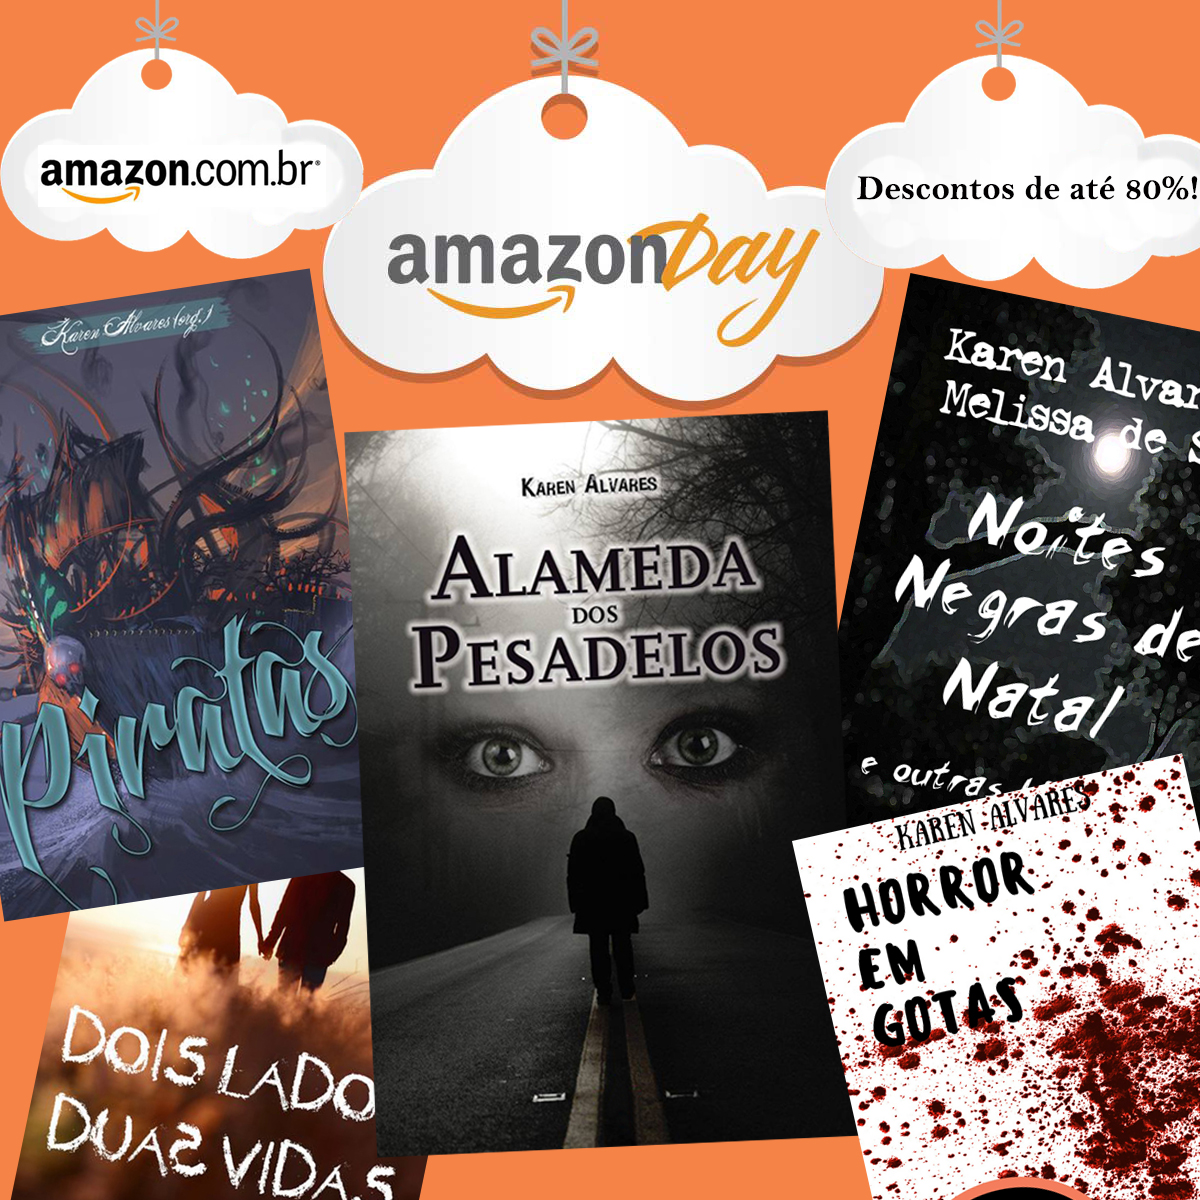 Descontos de até 80% no Amazon Day!